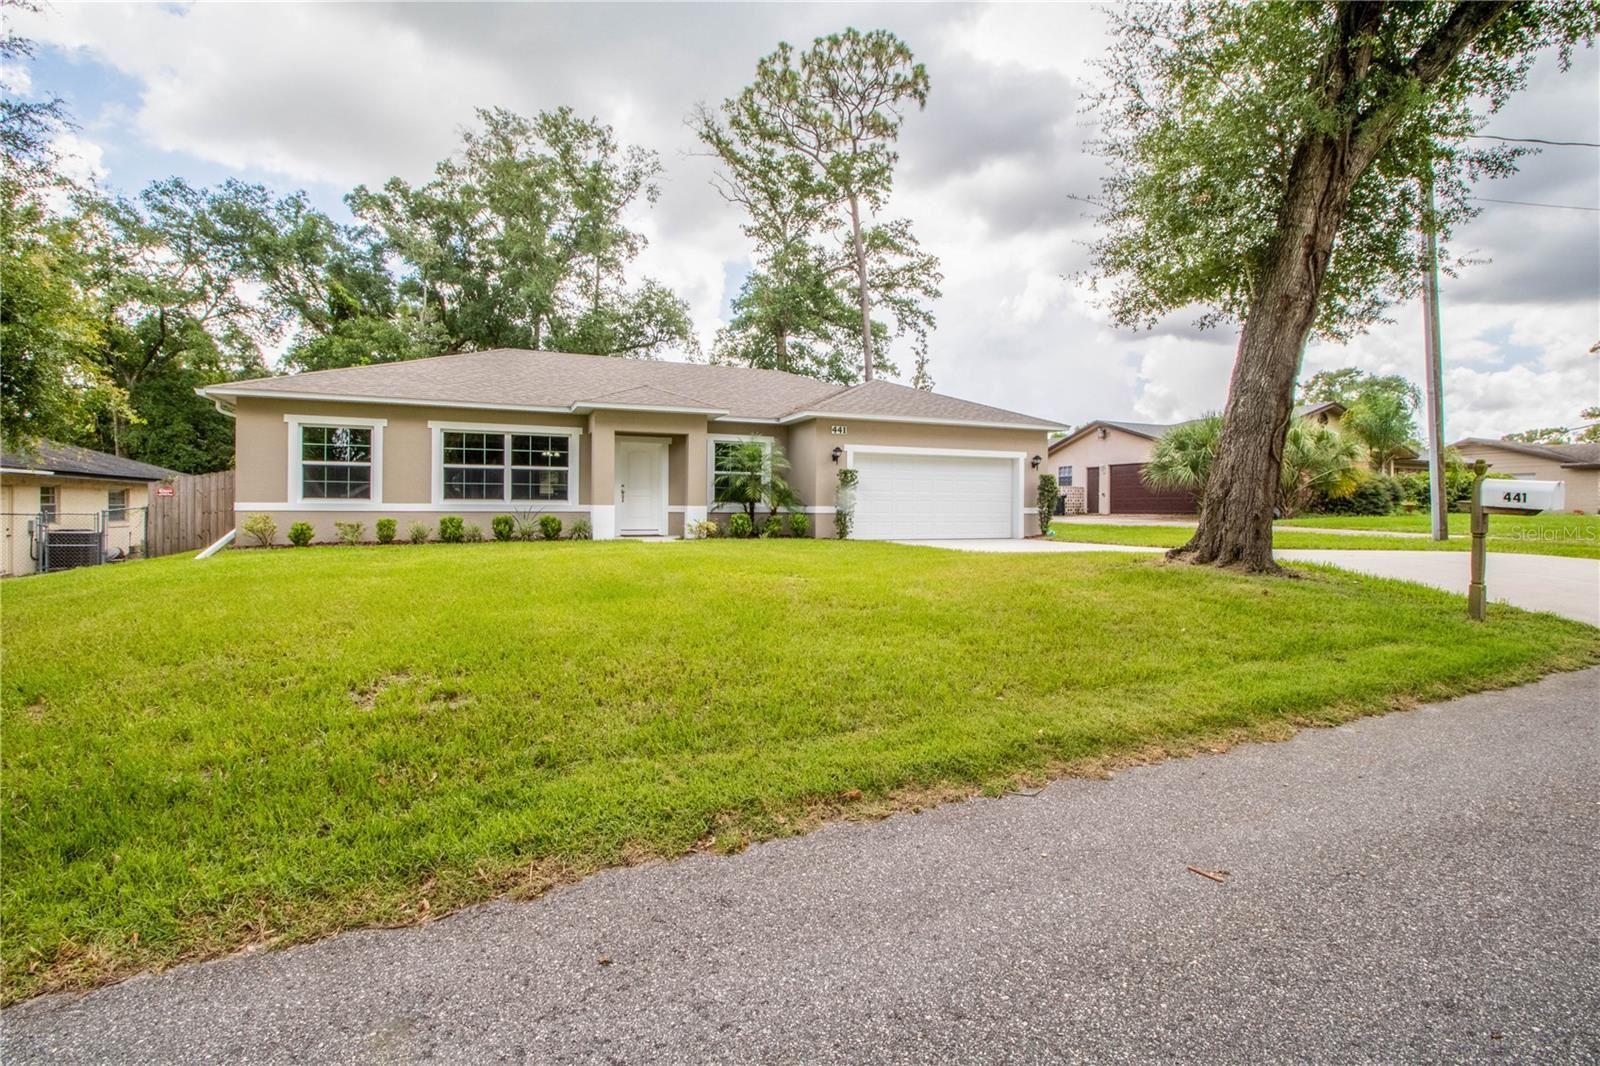 441 HOMER AVENUE, Longwood, FL 32750 - #: O5960465